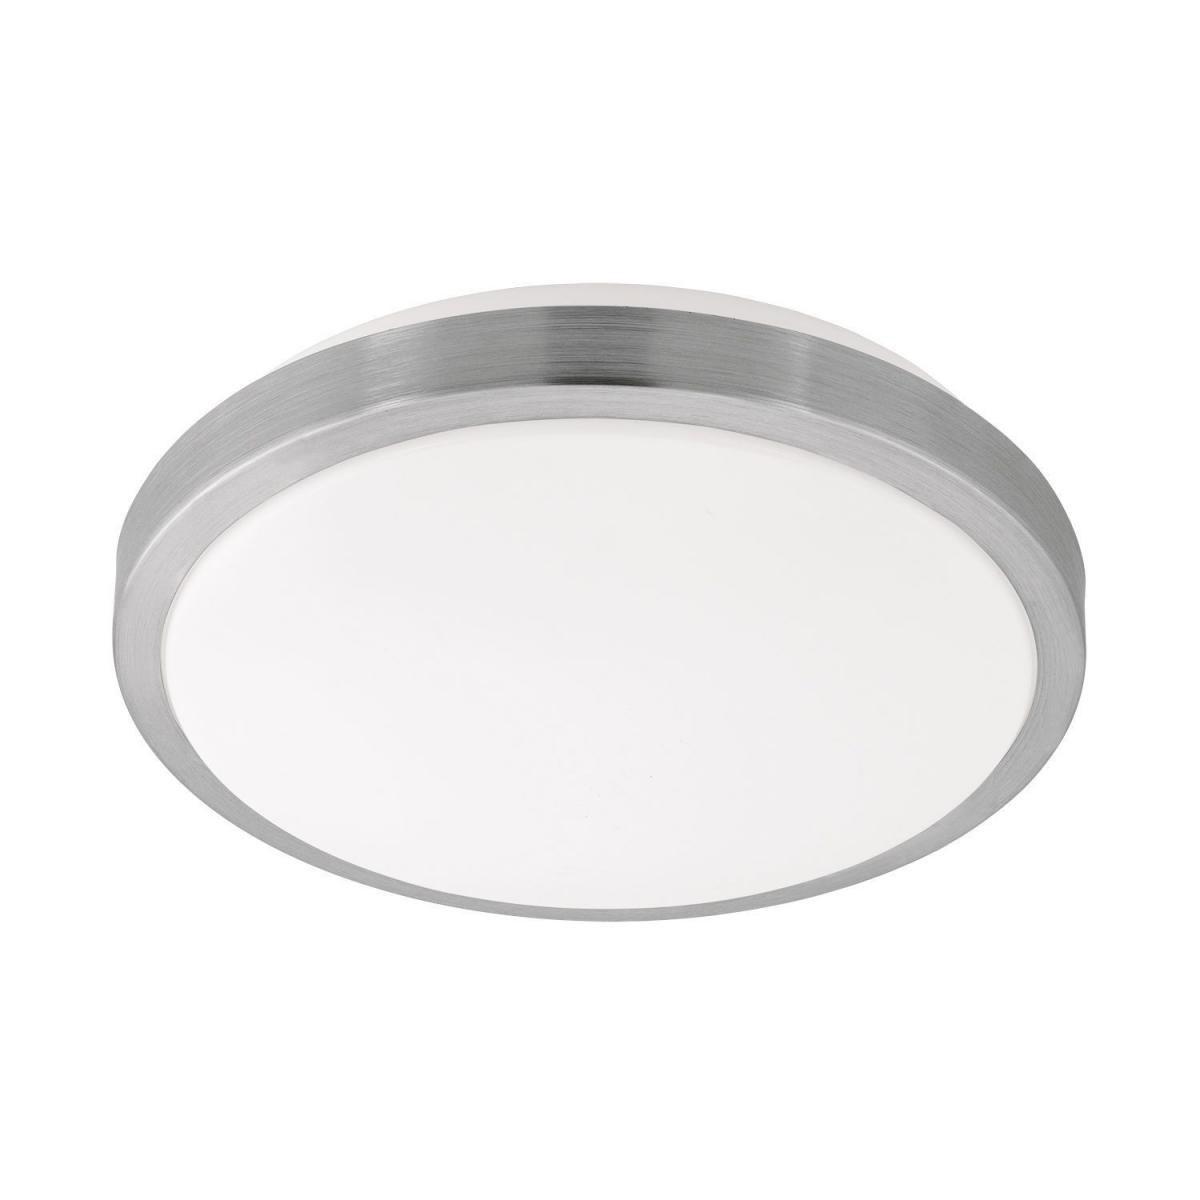 """Deckenleuchten - LED Deckenleuchte """"Competa"""", 32,5x5,5cm, nickel matt nickel matt  - Onlineshop Hellweg"""